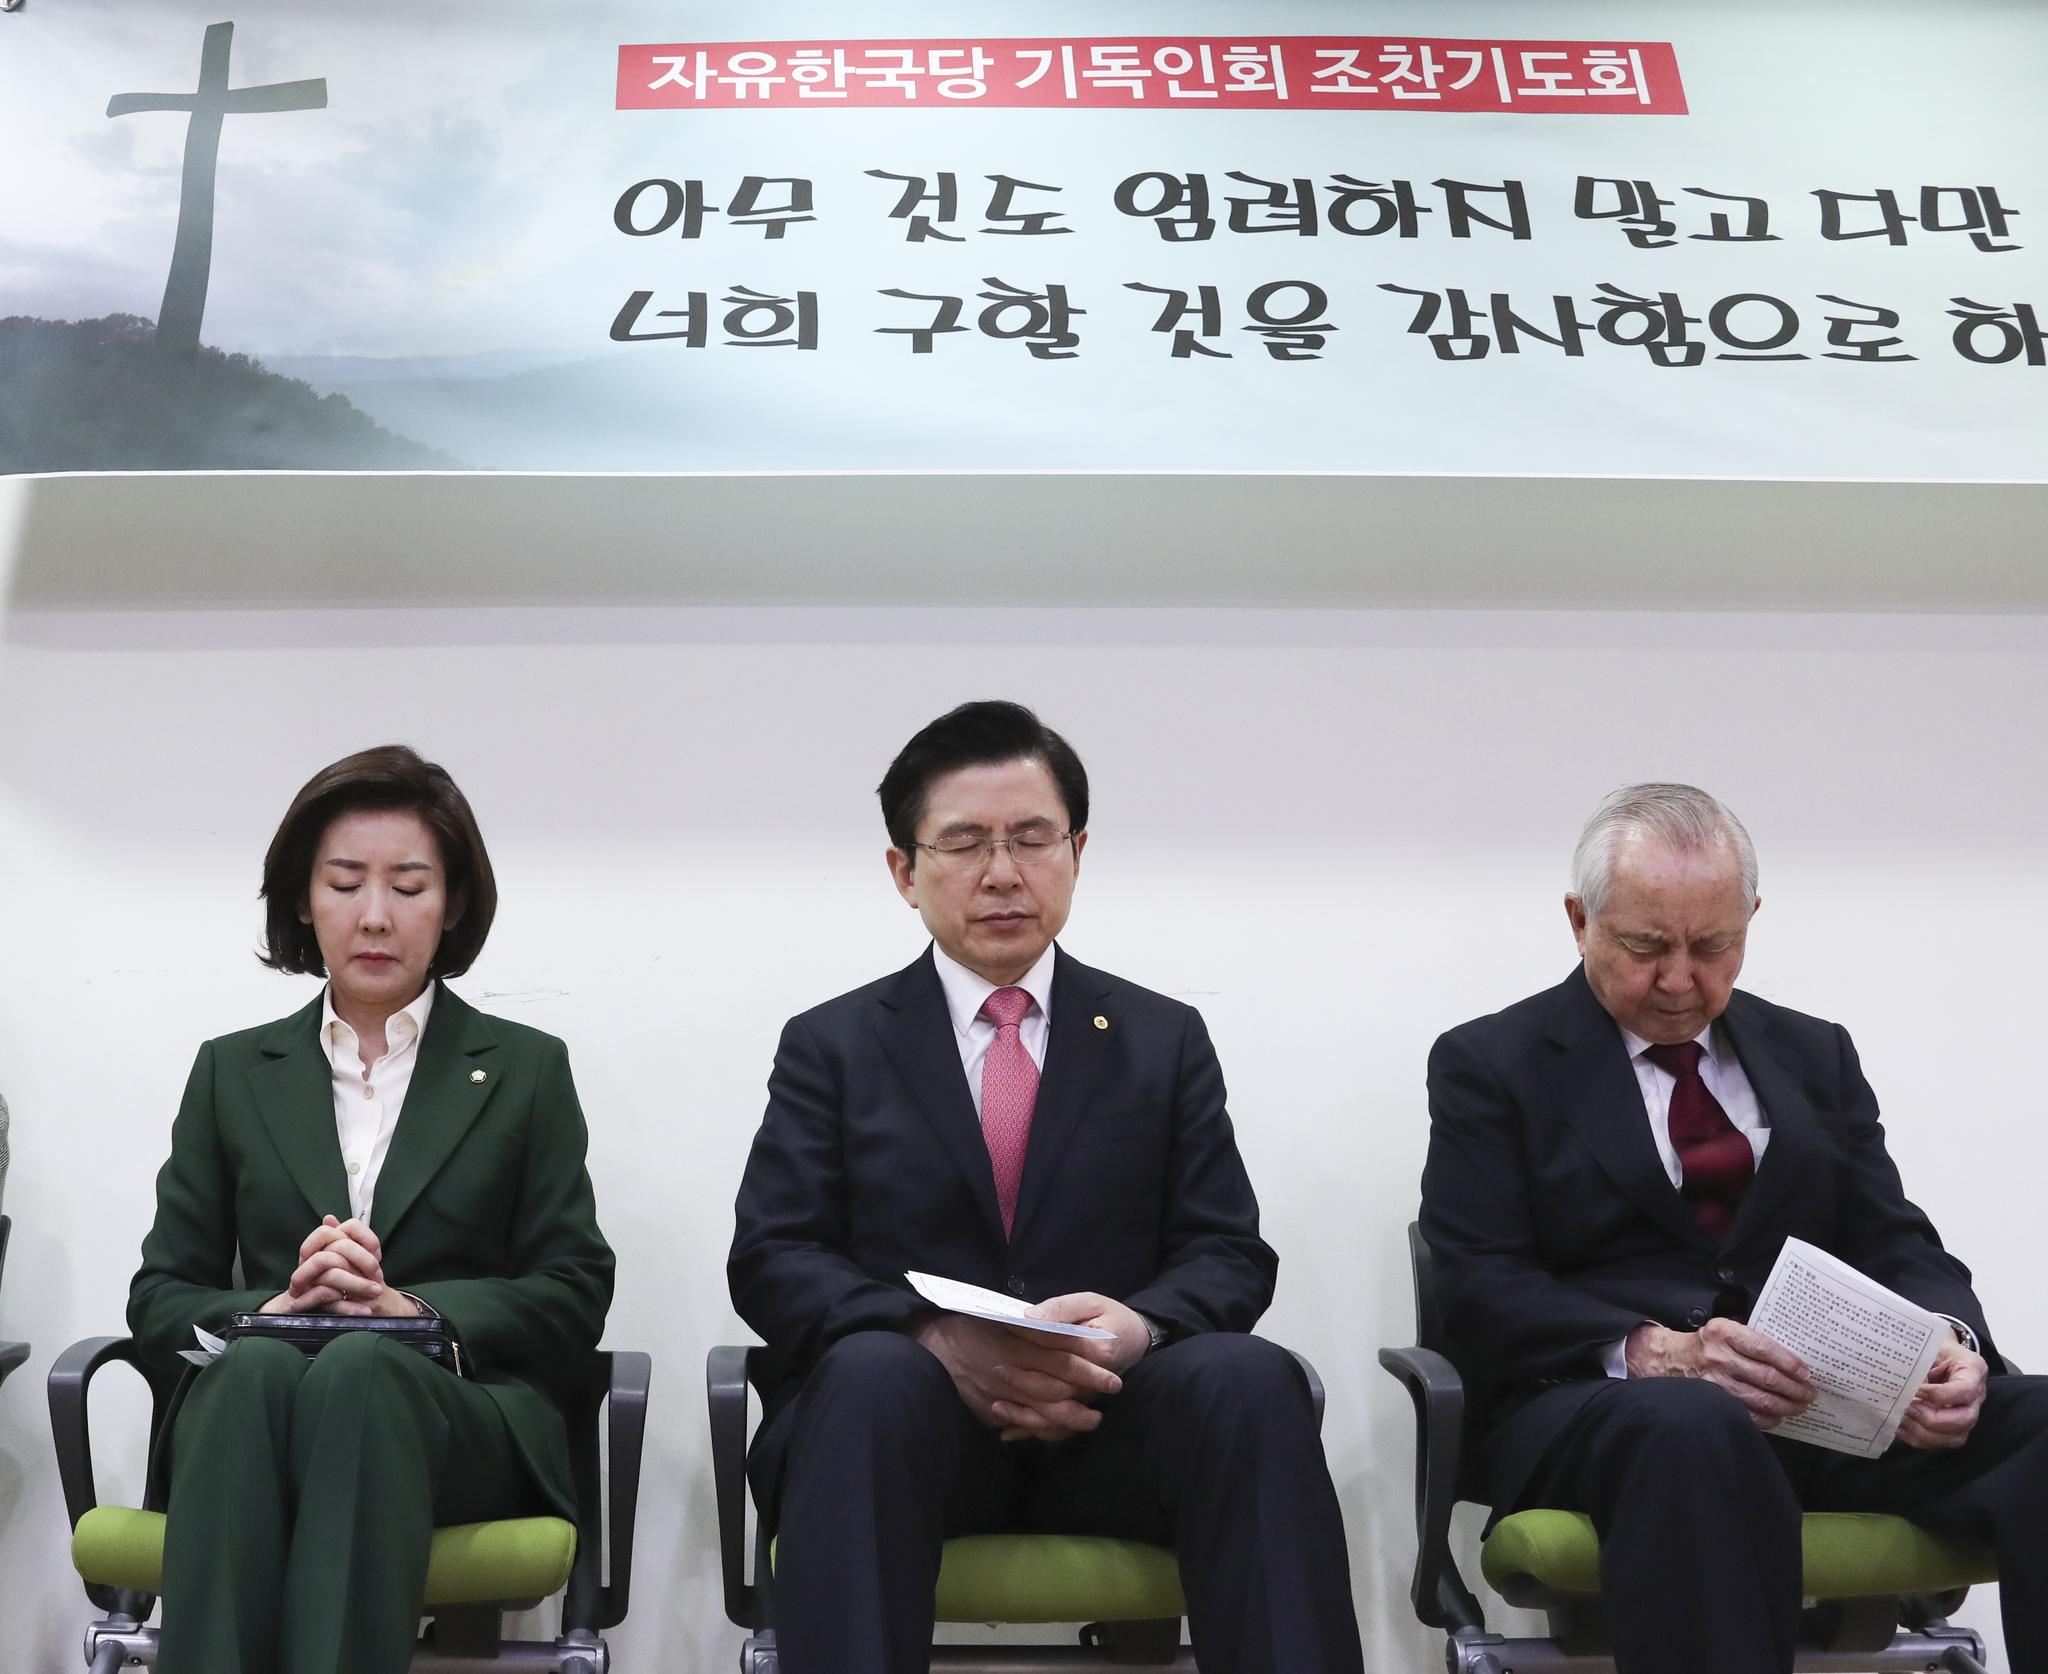 자유한국당 기독교인회 3월 조찬기도회가 19일 국회 의원회관에서 열렸다. 나경원 원내대표, 황교안 대표, 김장환 목사(왼쪽부터)가 기도하고 있다.  임현동 기자